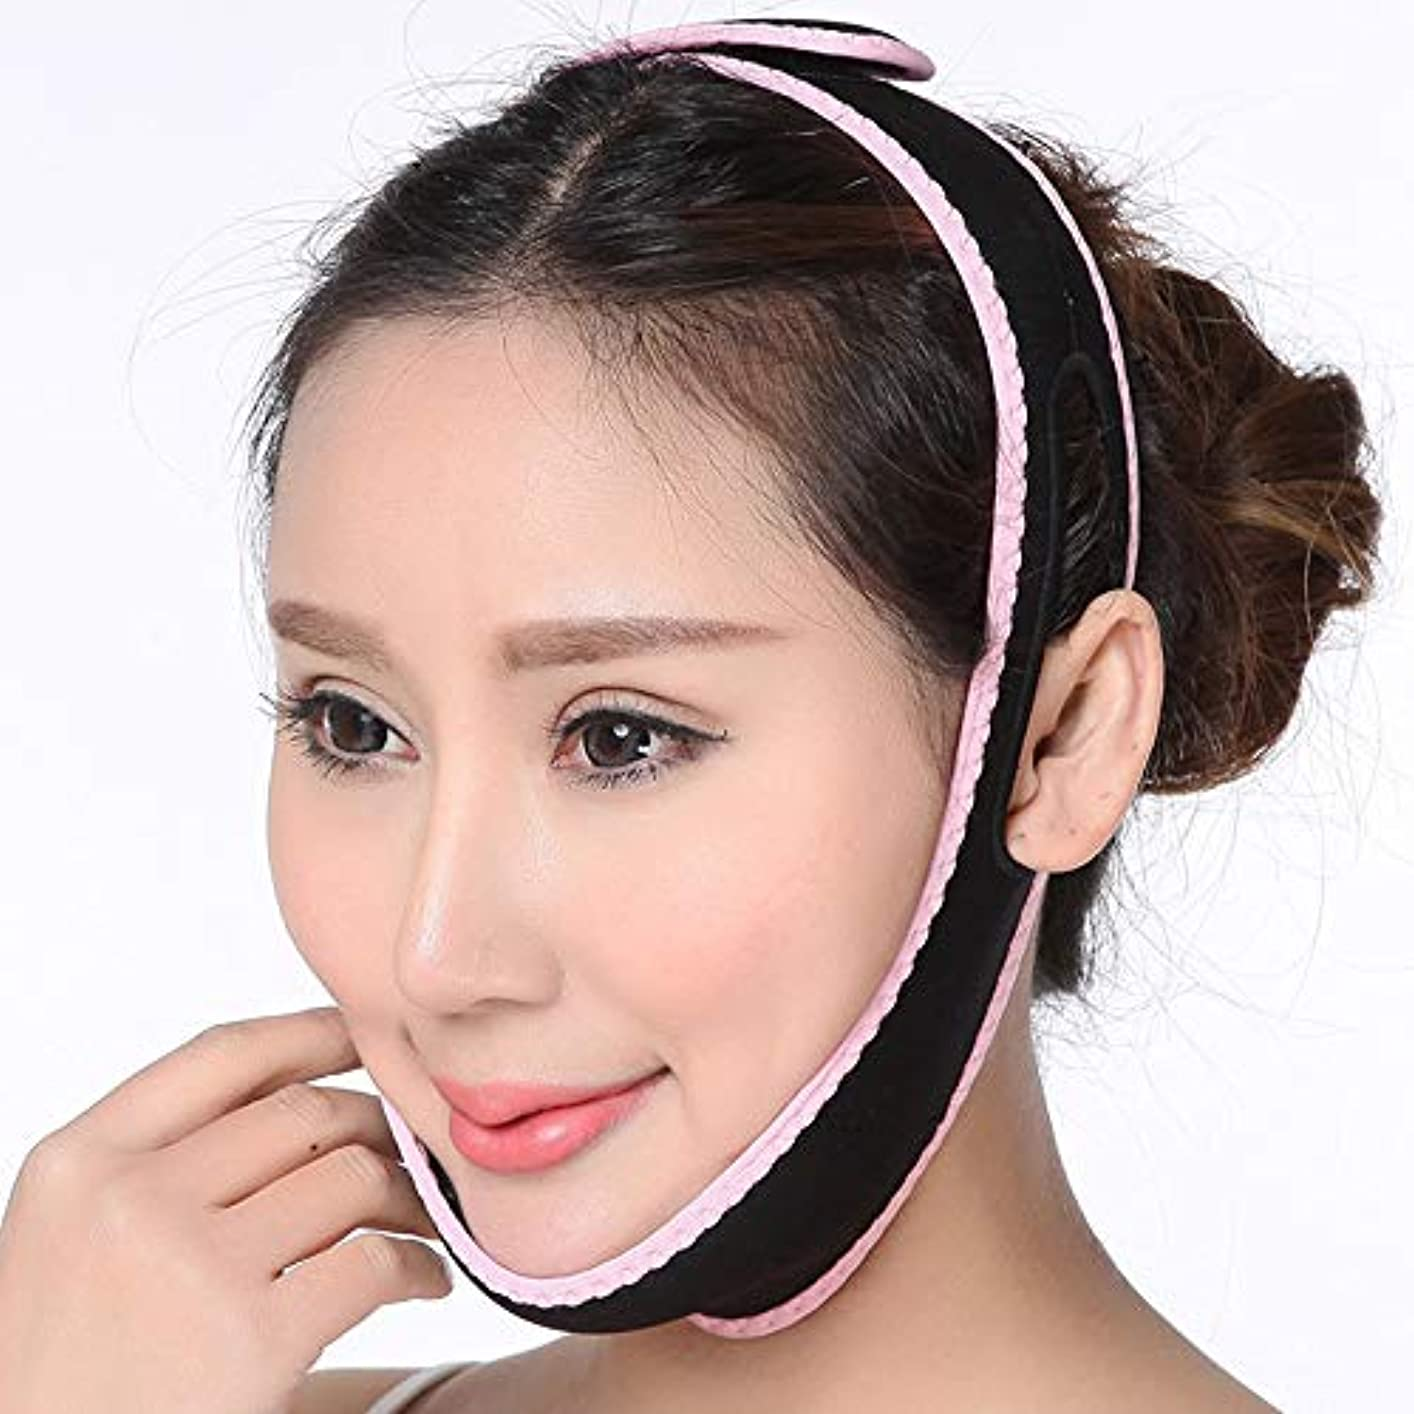 サークルテメリティコカイン顔面持ち上げ器具、vフェイス、顔持ち上げ包帯、ハーフパッケージマスク、持ち上げと締め付け、ユニセックス